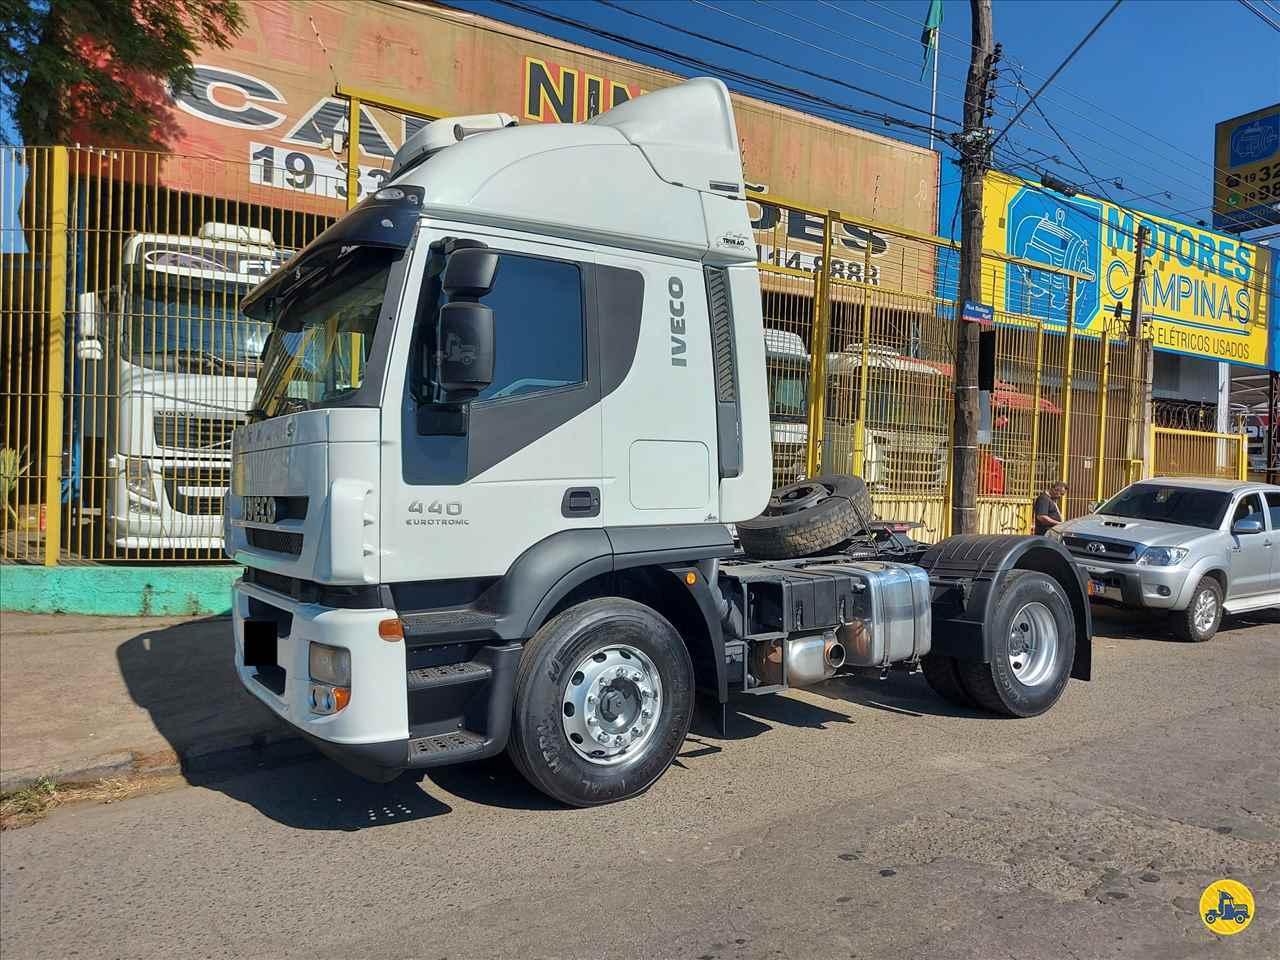 CAMINHAO IVECO STRALIS 440 Cavalo Mecânico Toco 4x2 Nino Caminhões CAMPINAS SÃO PAULO SP